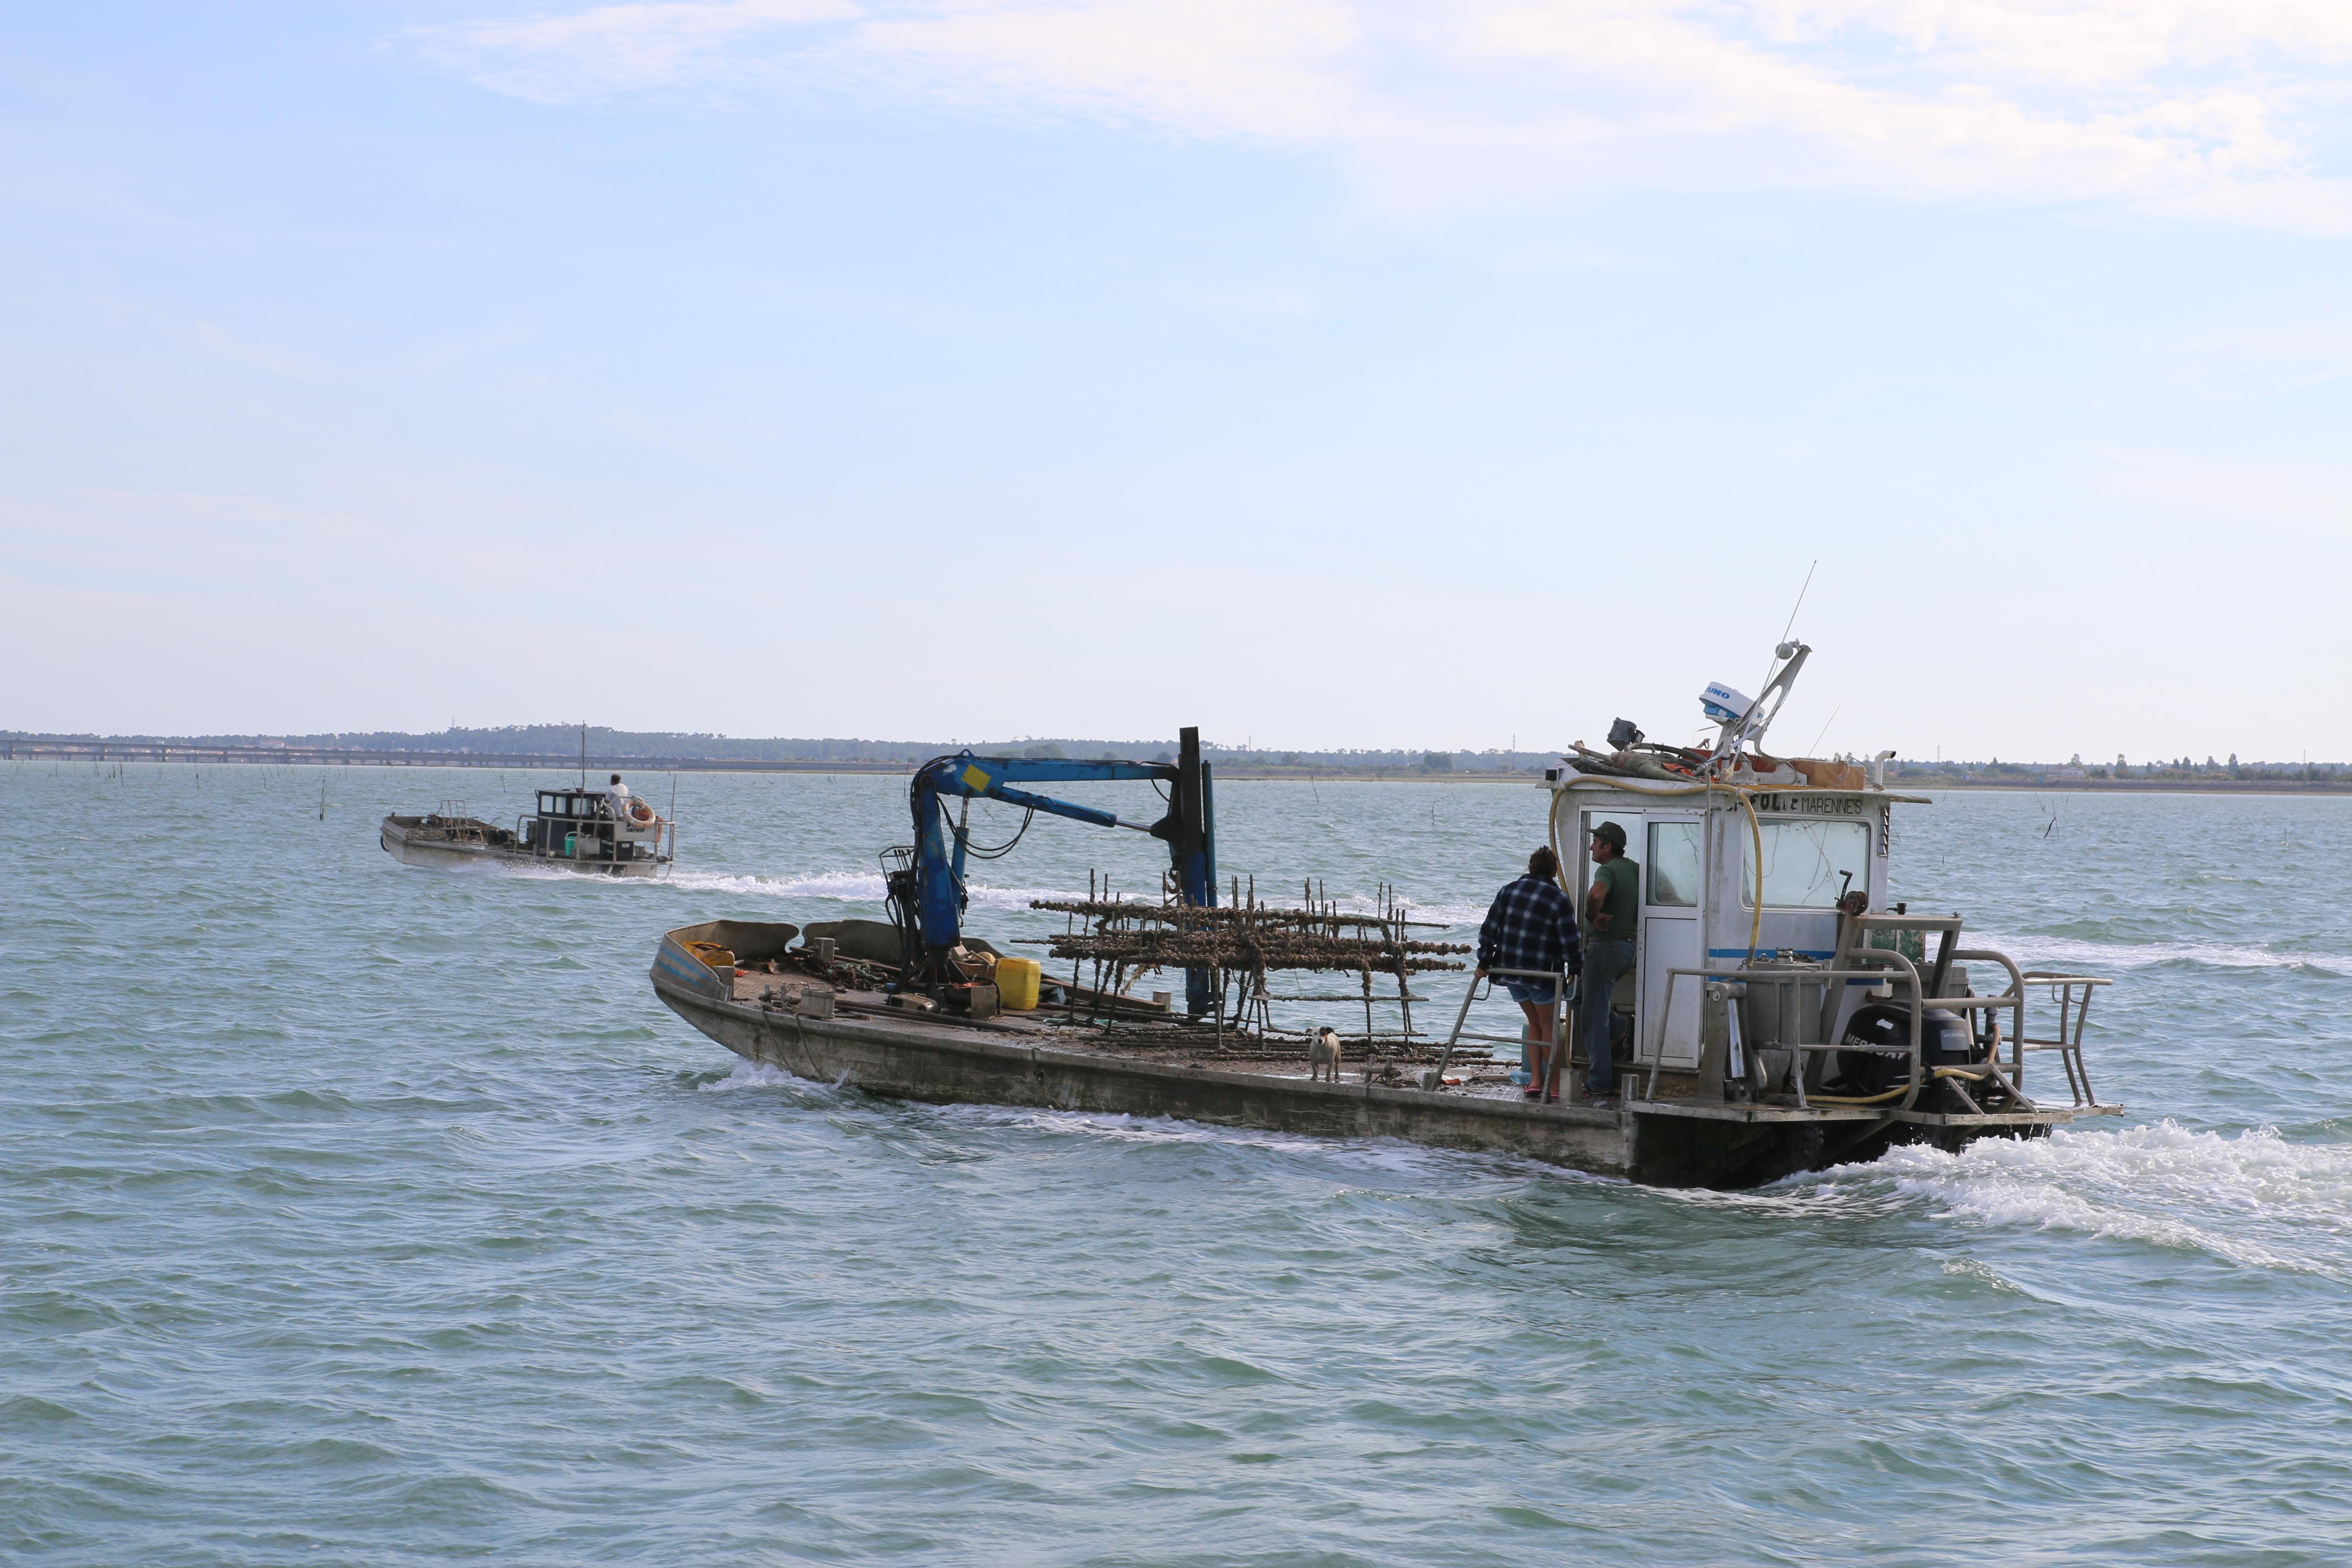 Barge ostréicole dans l'estuaire de la Seudre